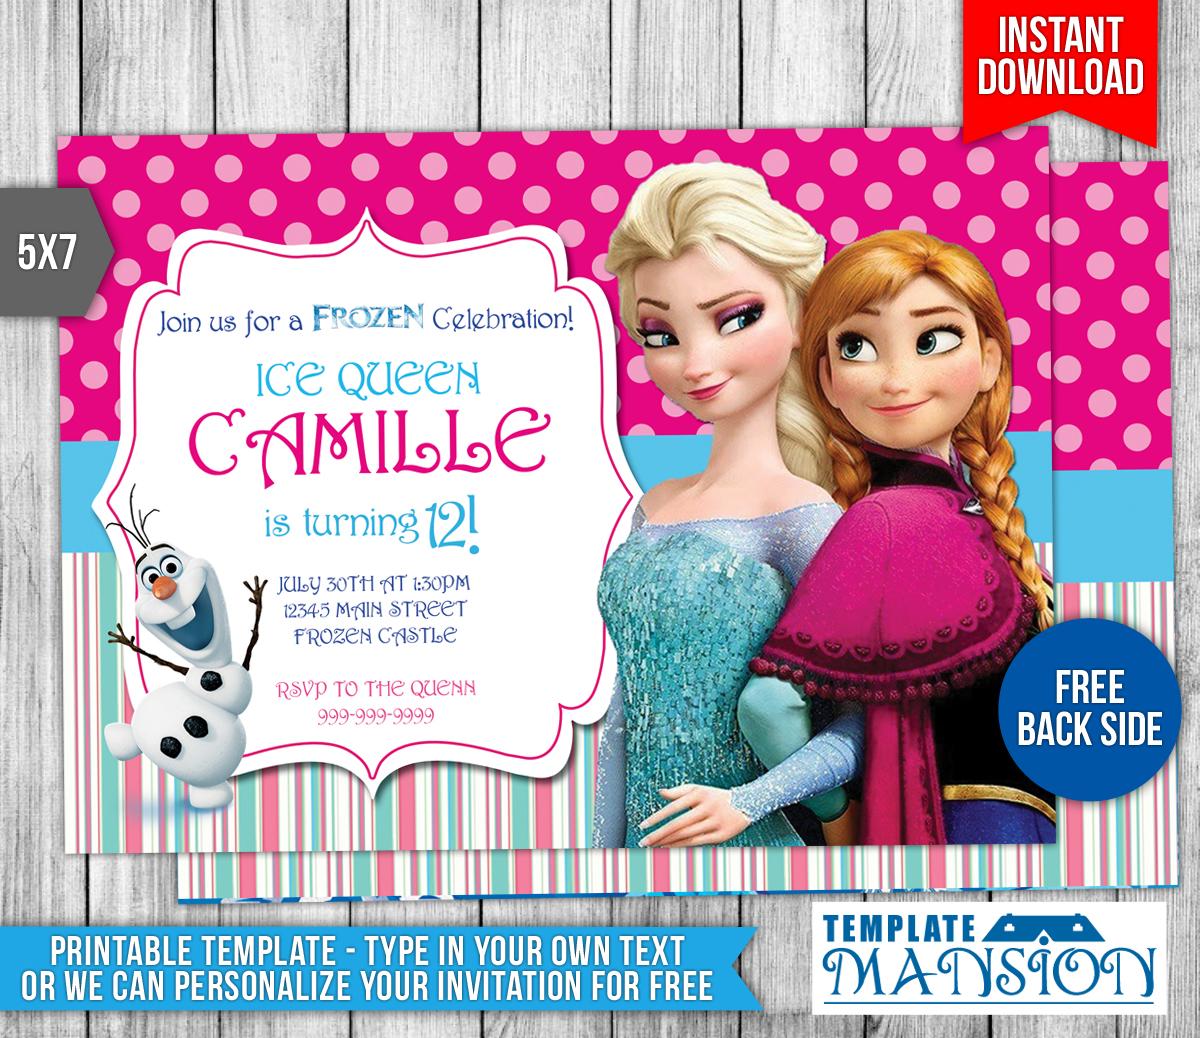 Disney Frozen Birthday Invitation 2 By Templatemansion On DeviantArt